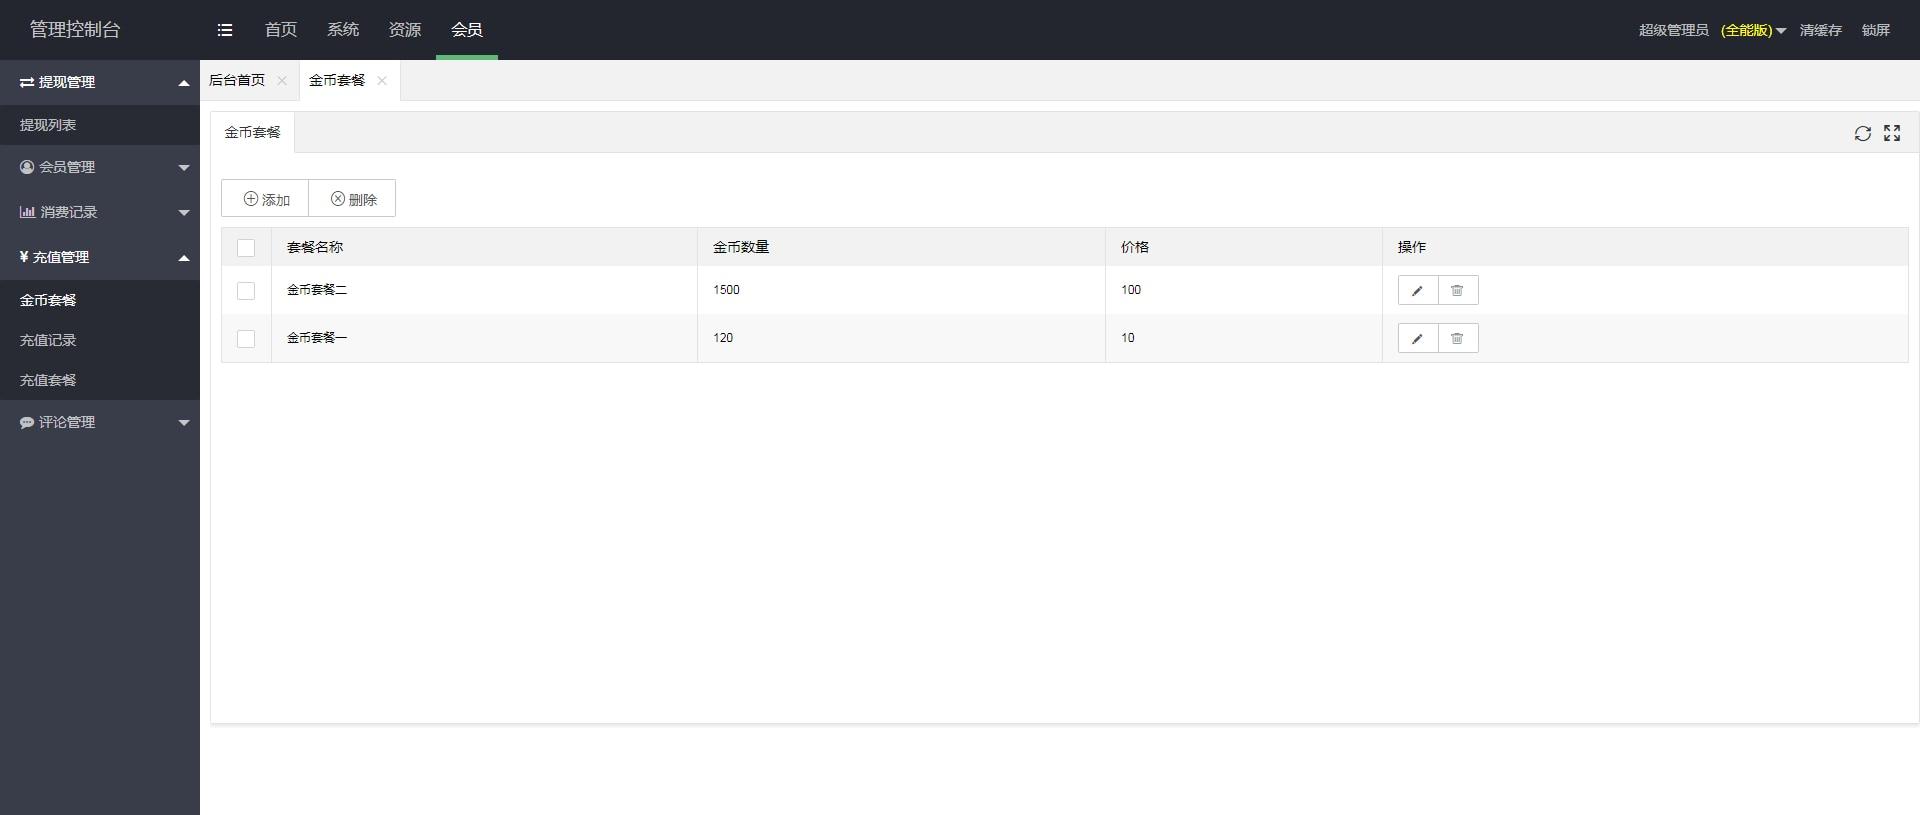 「魅思V10开源无加密修复全能版」msvodx站三级分销视频源码(独家防封防红)